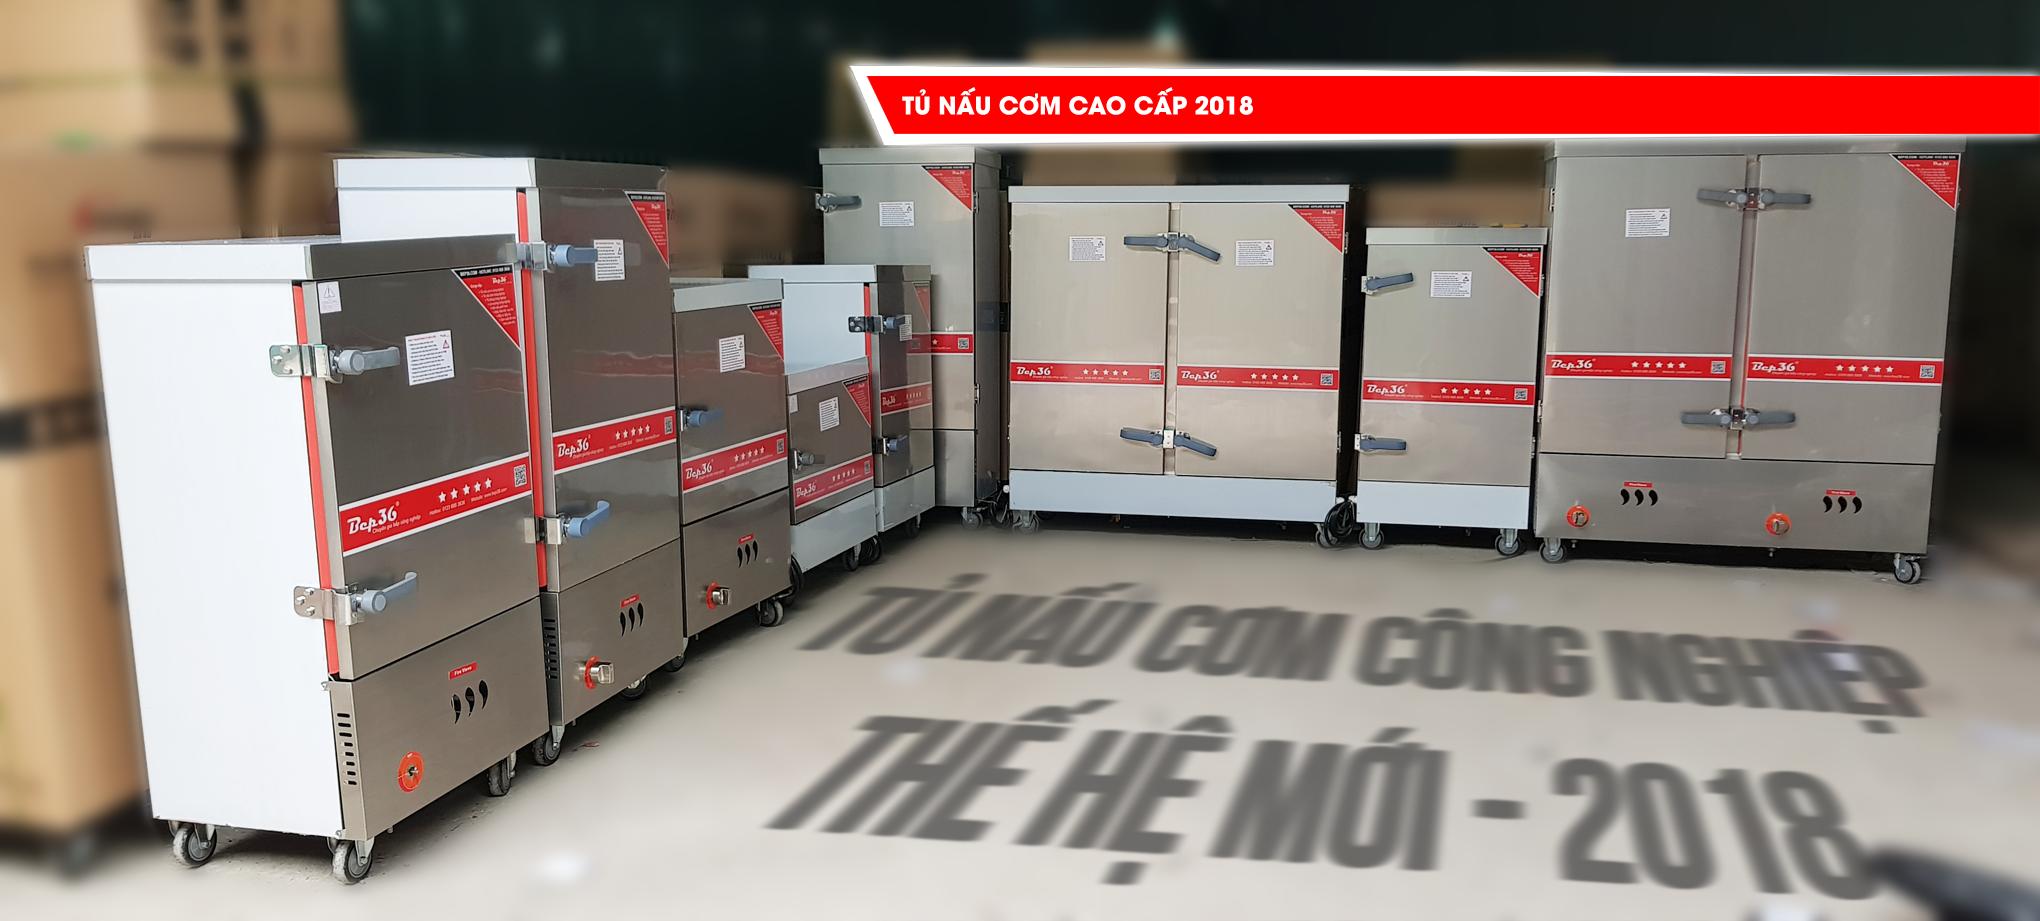 Dòng tủ nấu cơm công nghiệp phiên bản 2018 tại Bep36